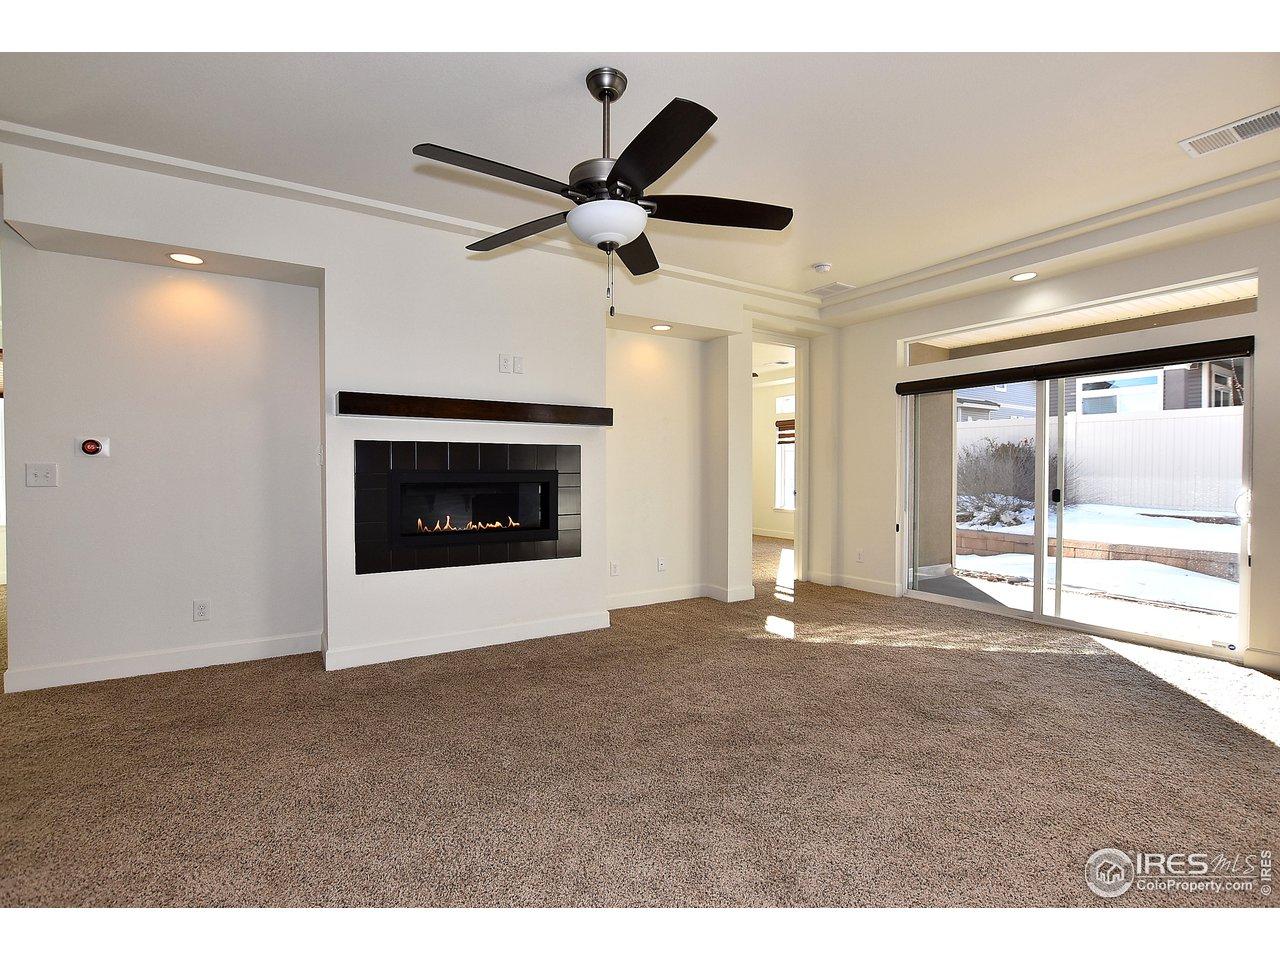 Great room and kitchen, wide open floor plan